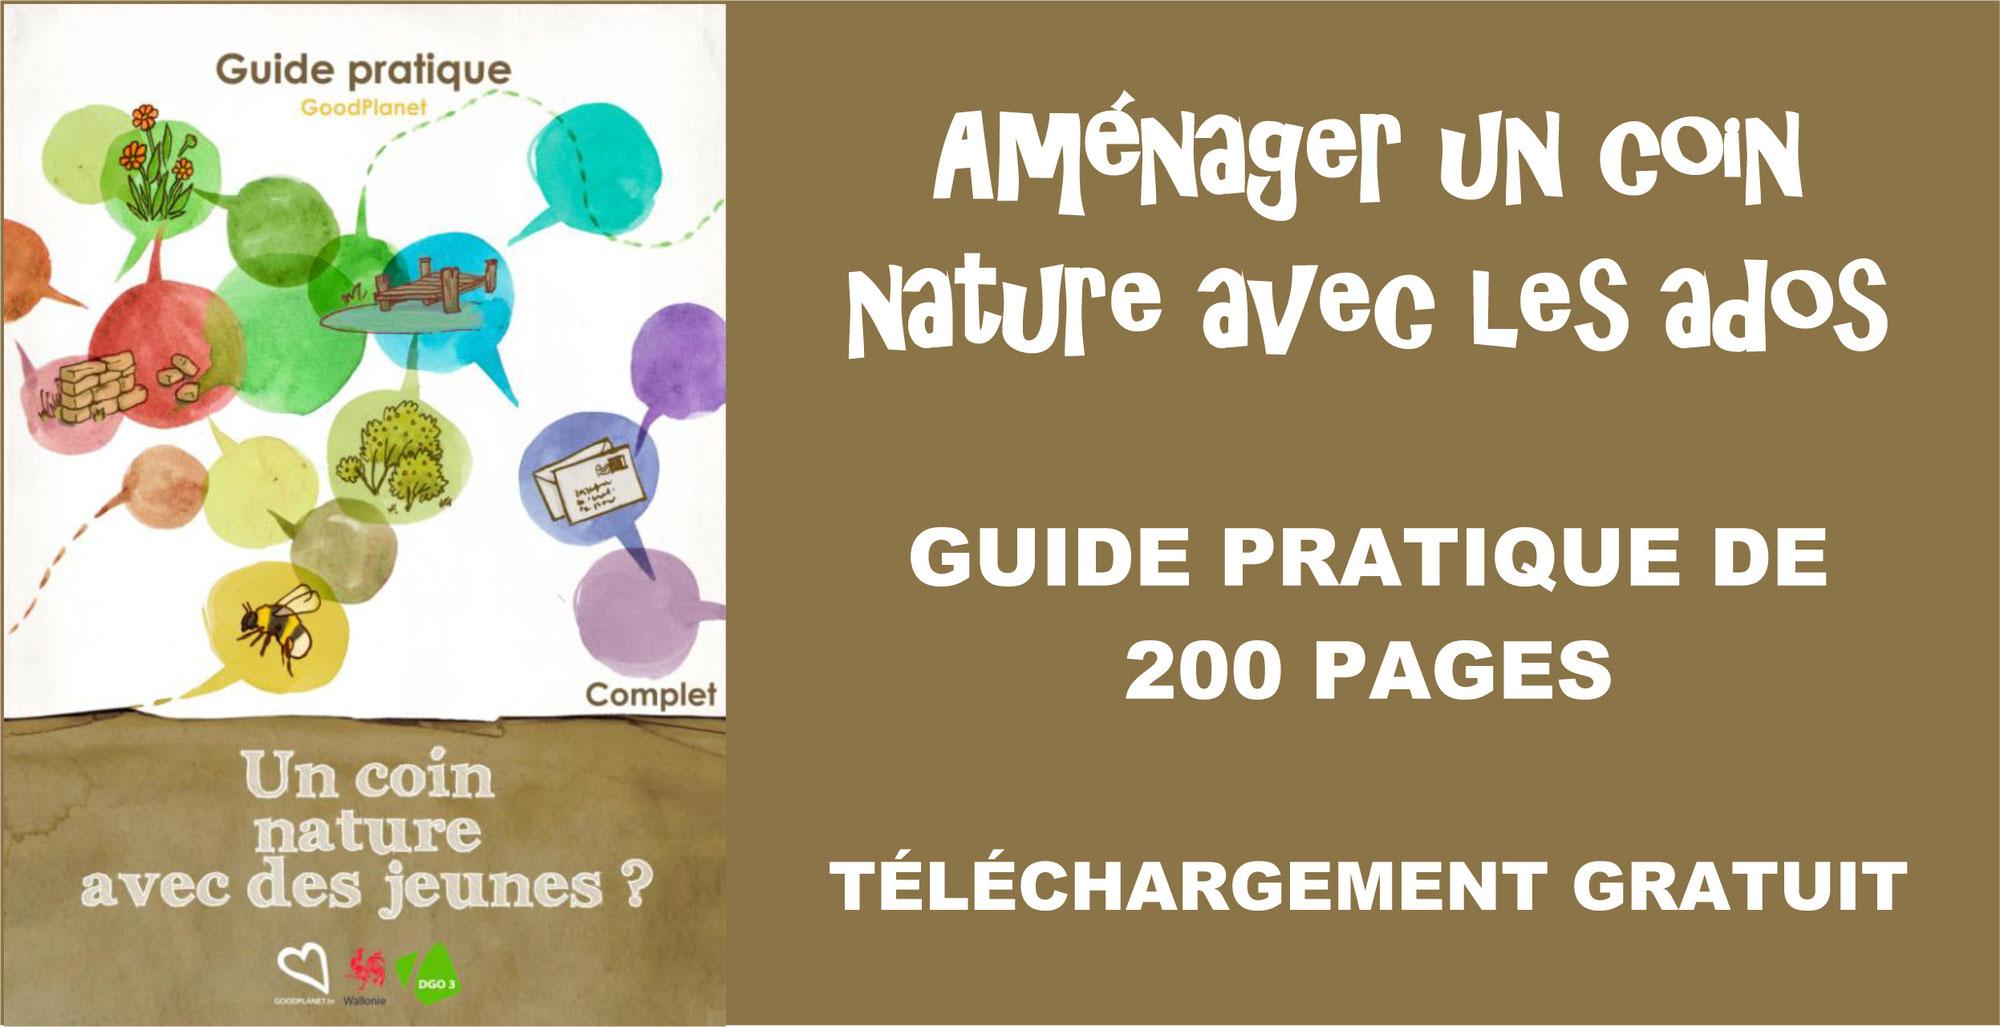 CONSTRUIRE UN COIN NATURE AVEC LES ADOS: un guide gratuit de 200 pages à télécharger